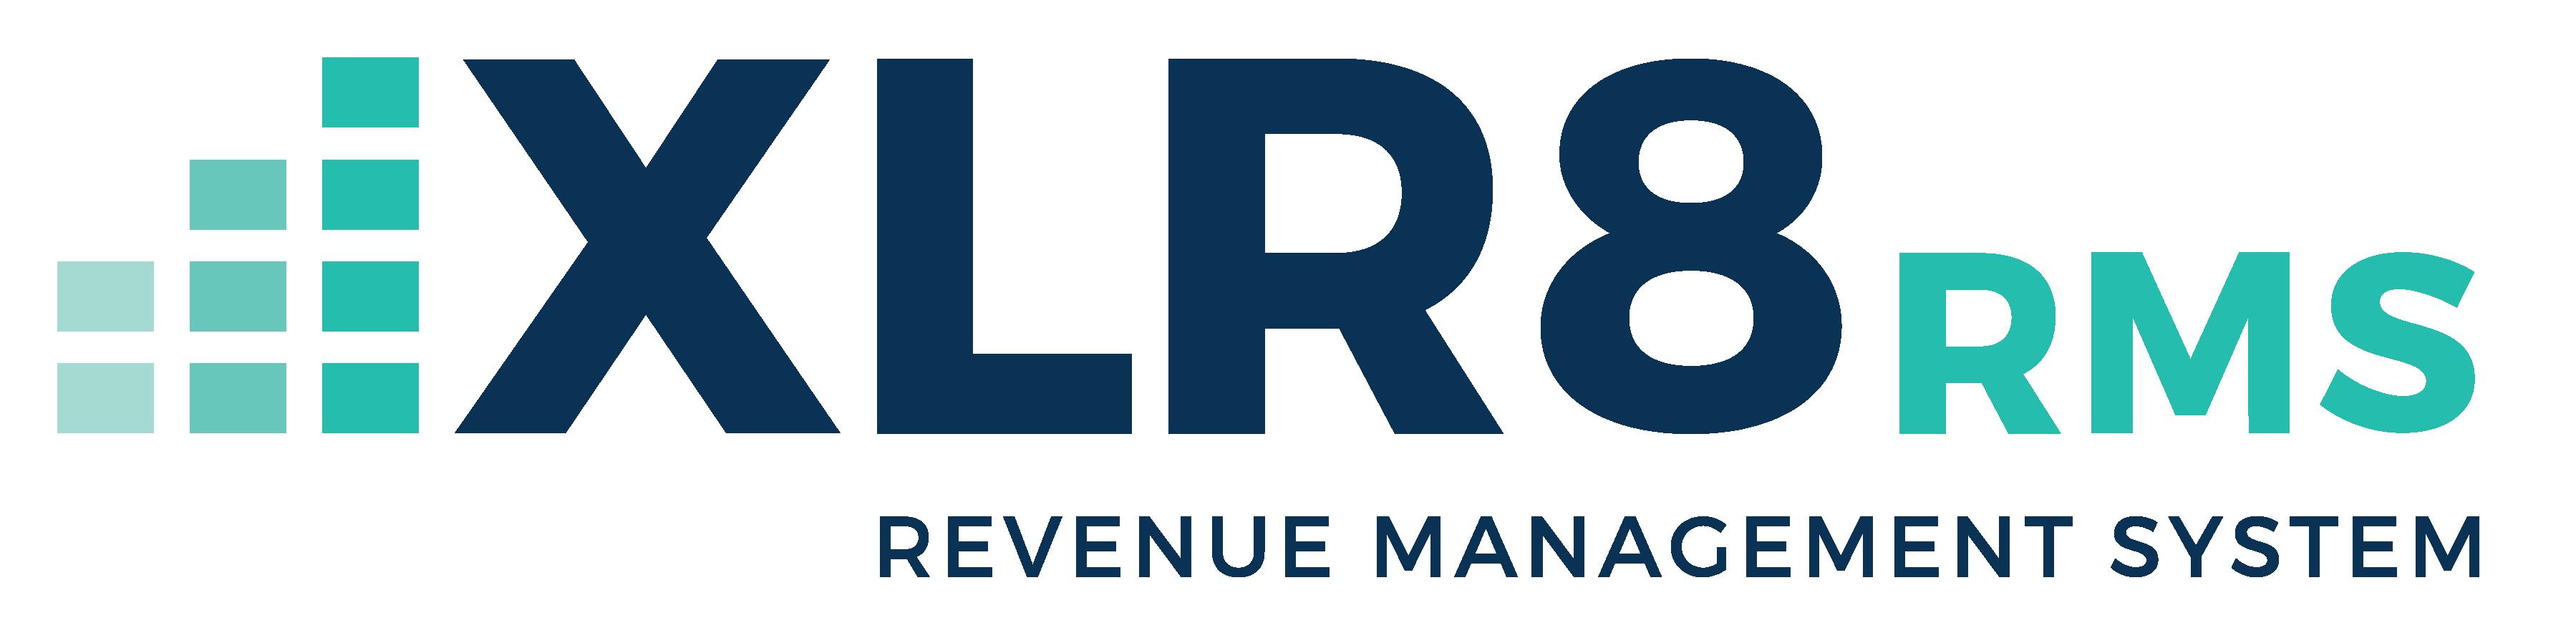 XLR8 Revenue Management